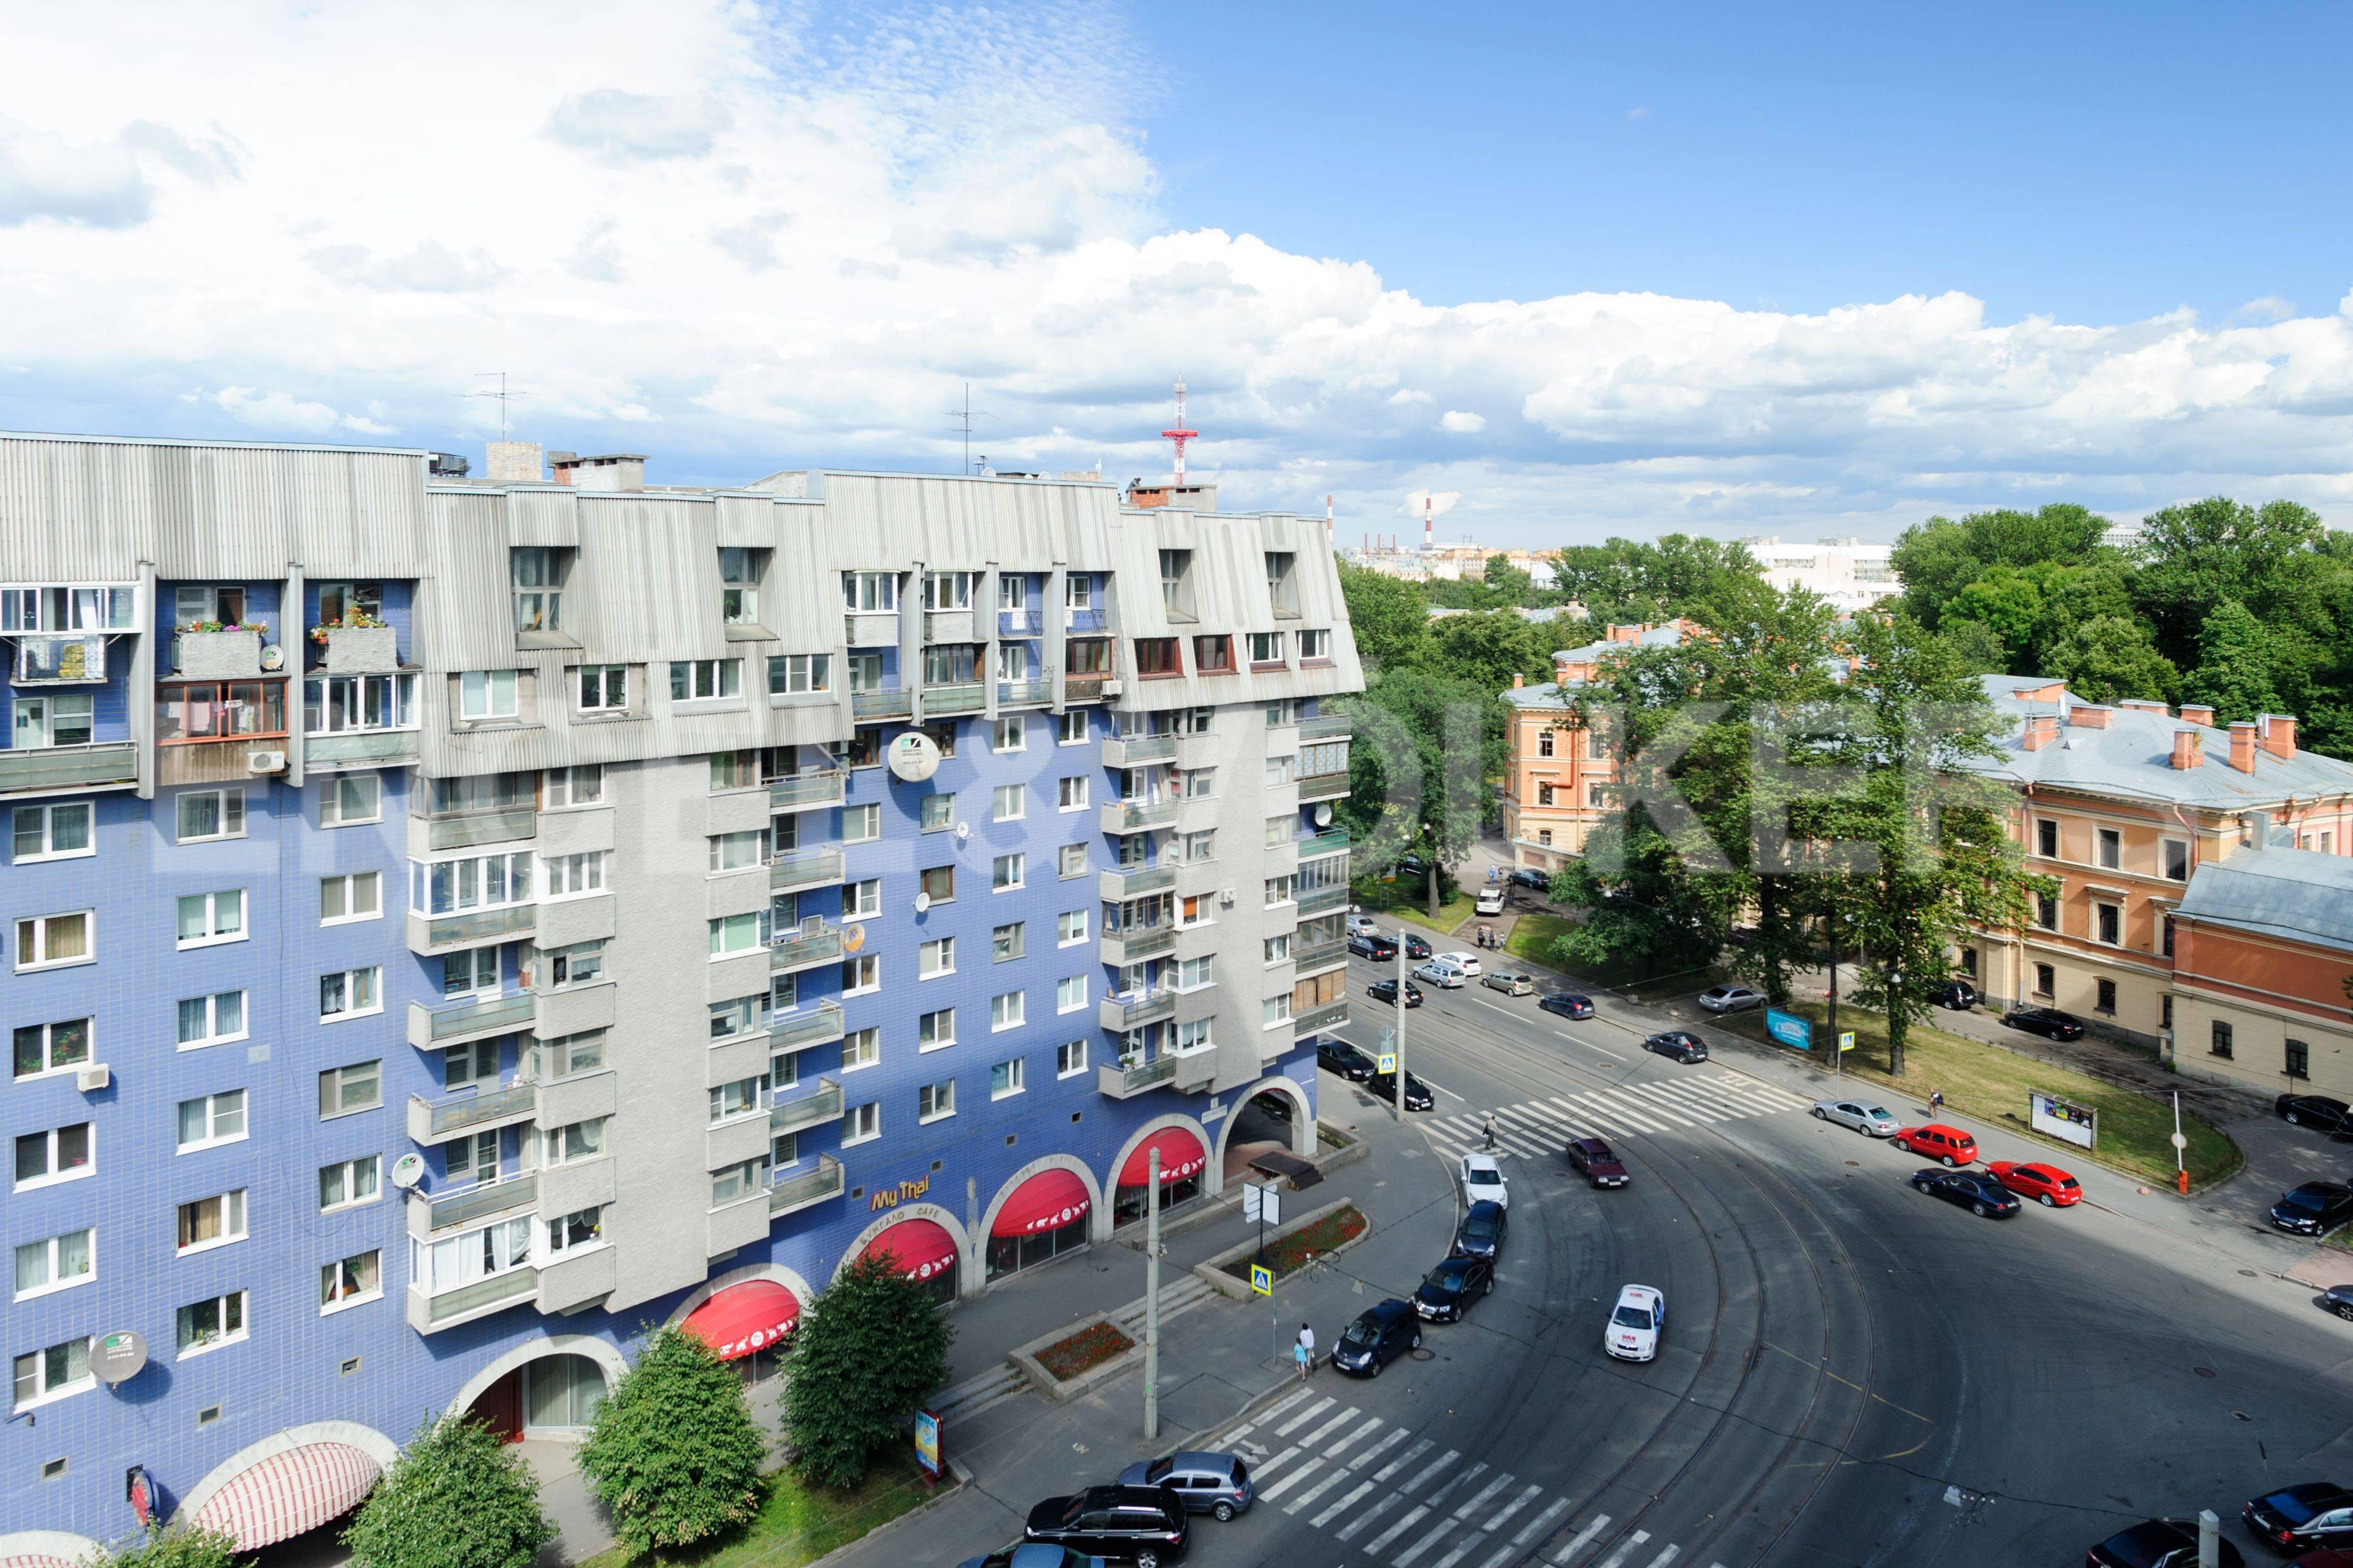 Элитные квартиры в Центральном районе. Санкт-Петербург, Большой Сампсониевский пр. 4-6. Вид с лоджии на парк